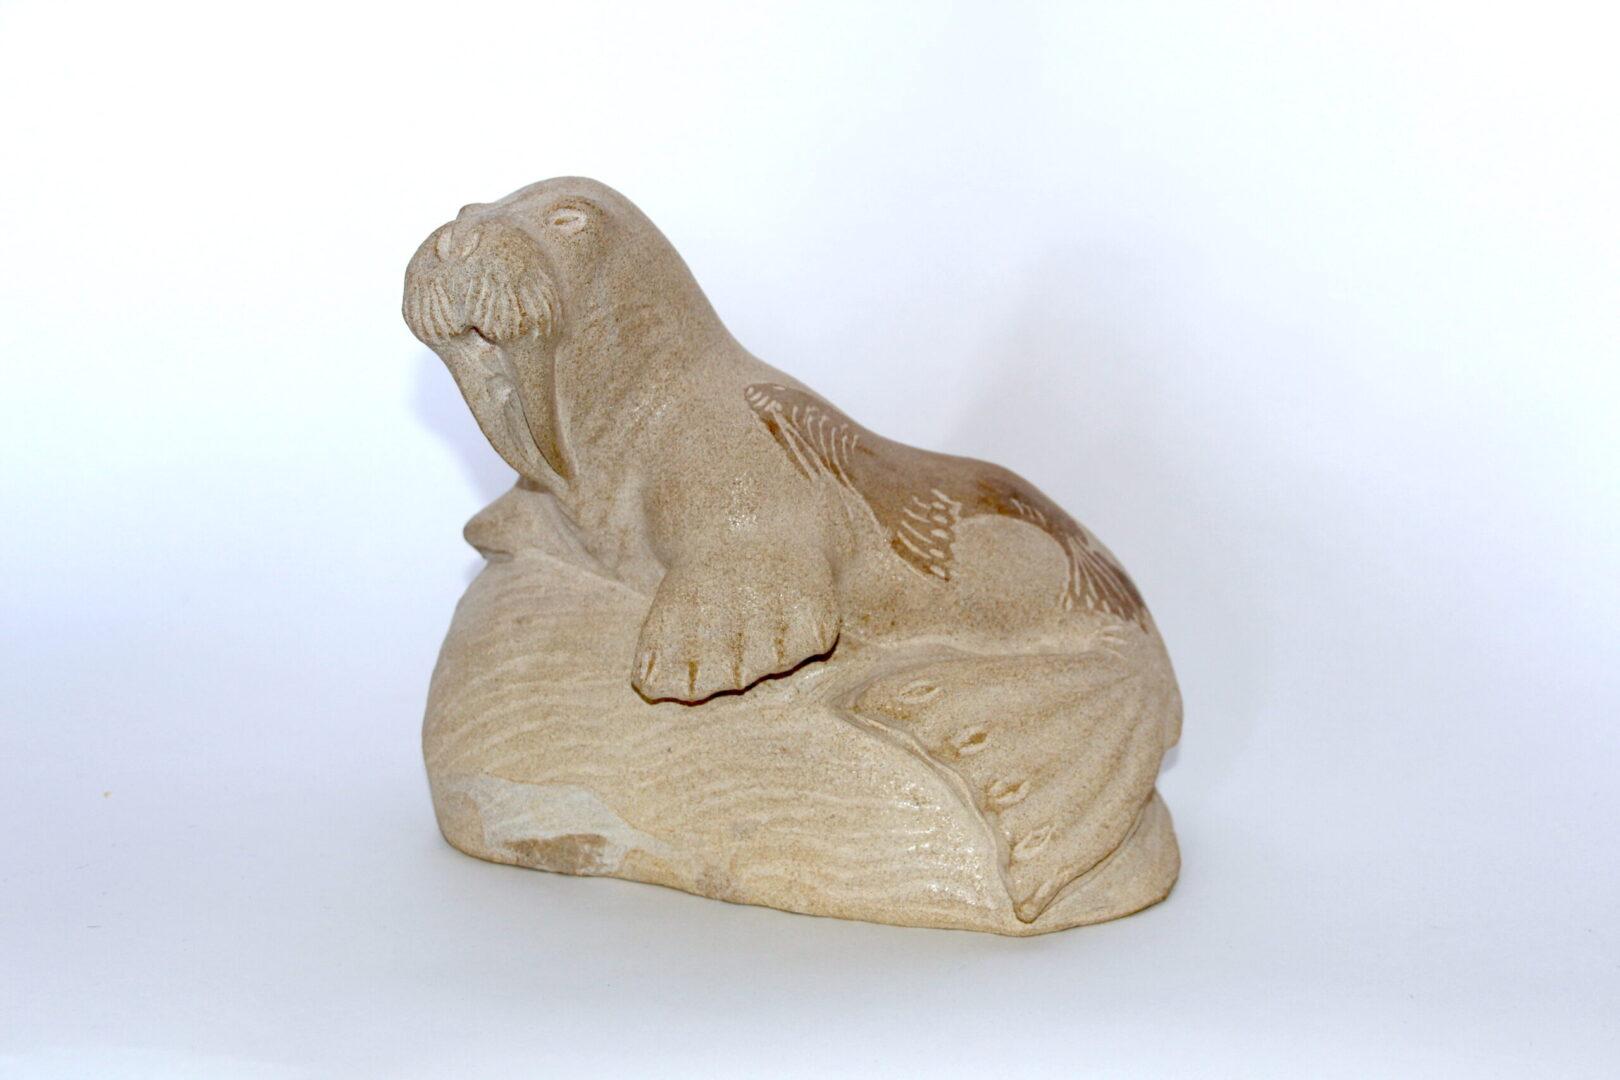 Inuit Art Sculpture made of limestone igloolik